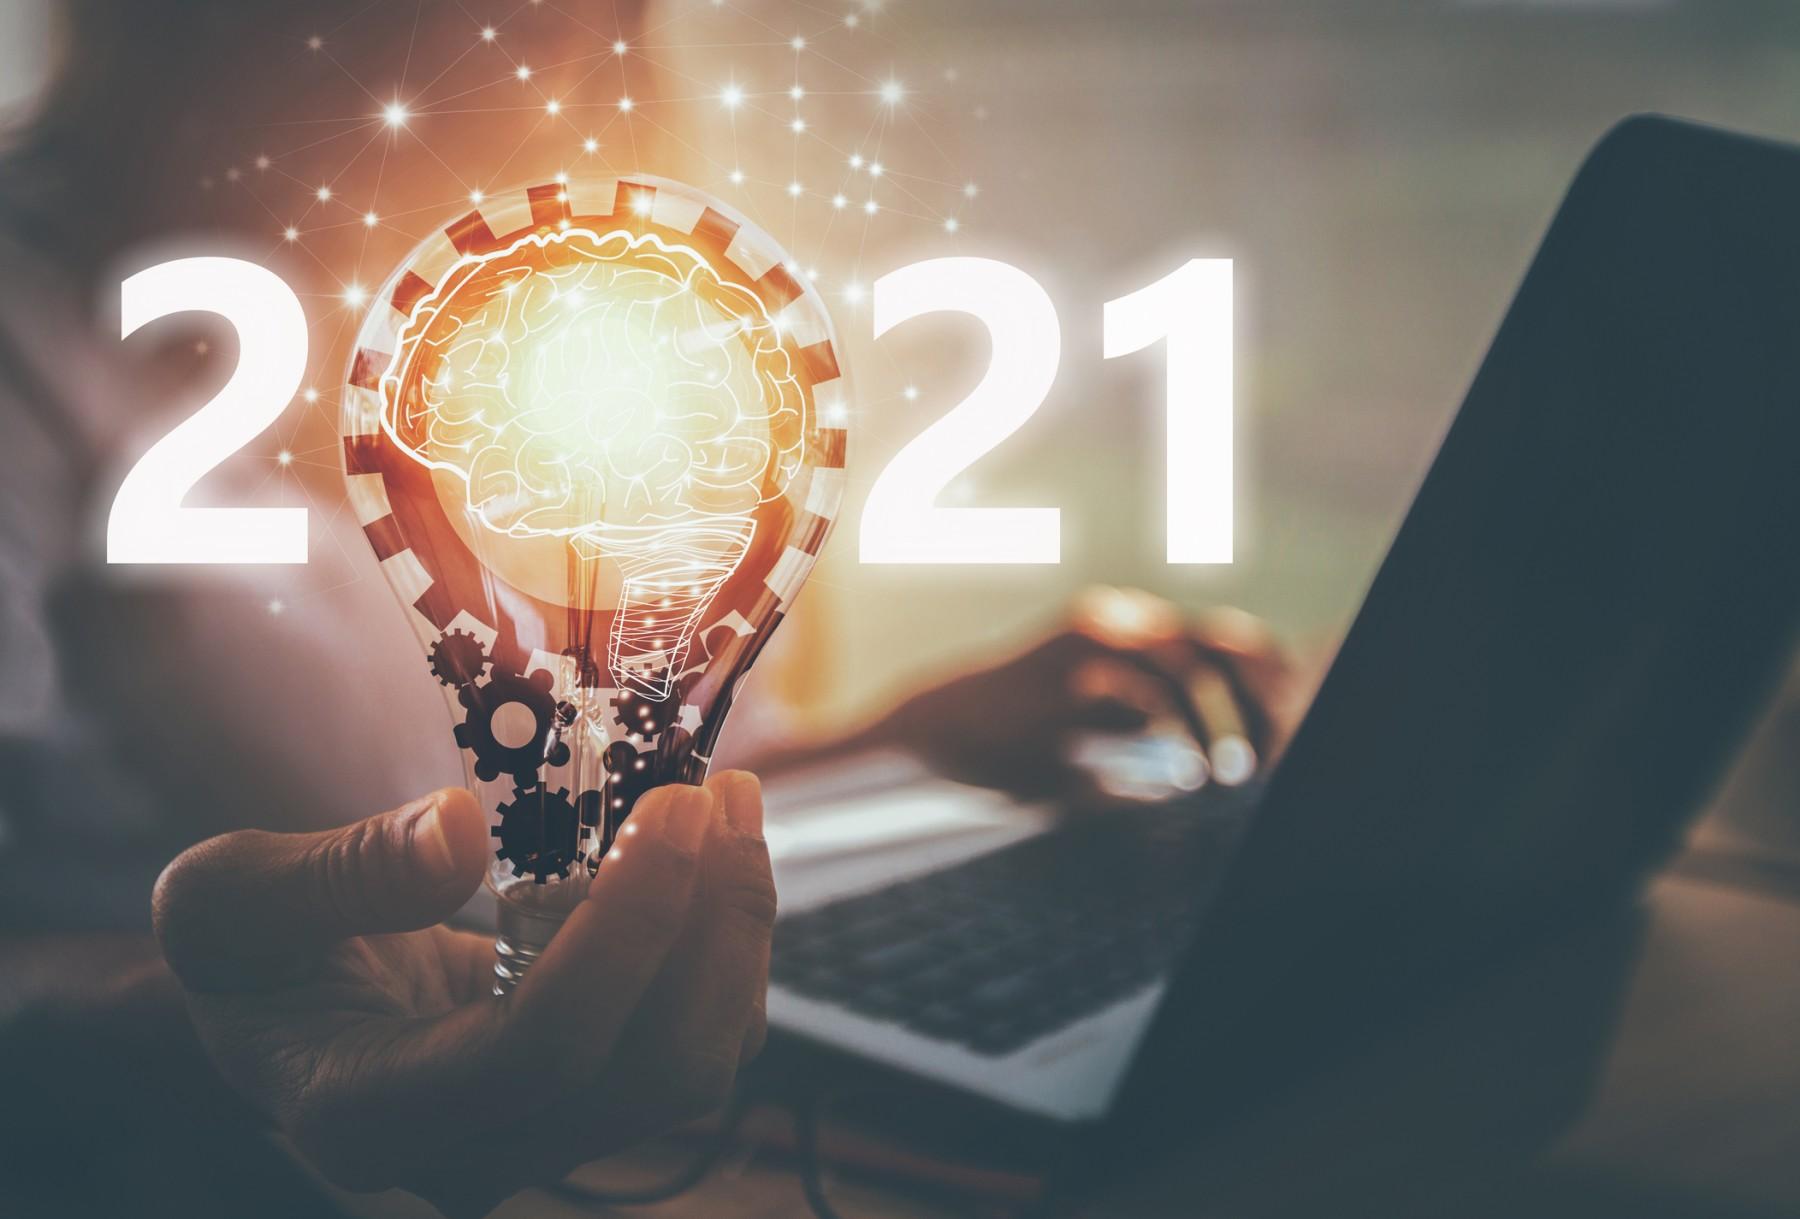 3 tendencias de Martech que predominaron en la pandemia y continuarán en 2021